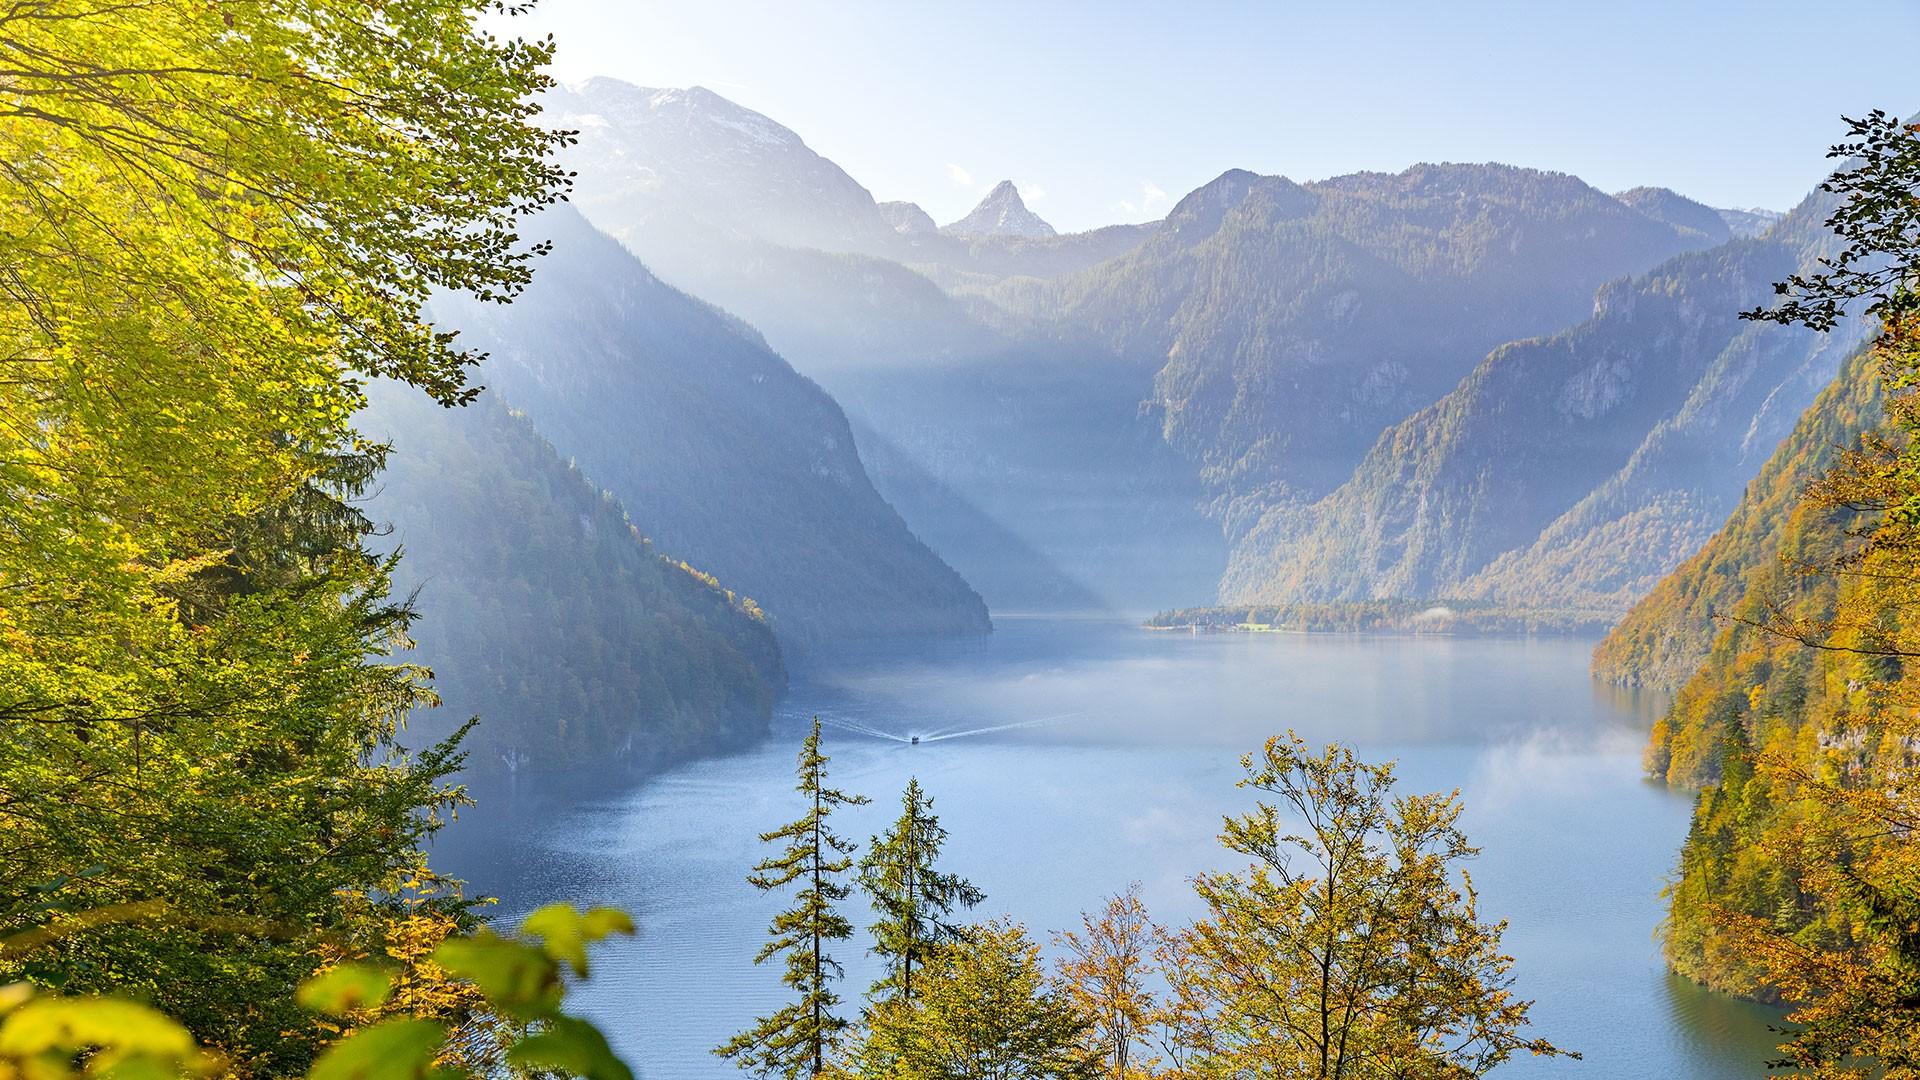 Herbsturlaub am Königssee